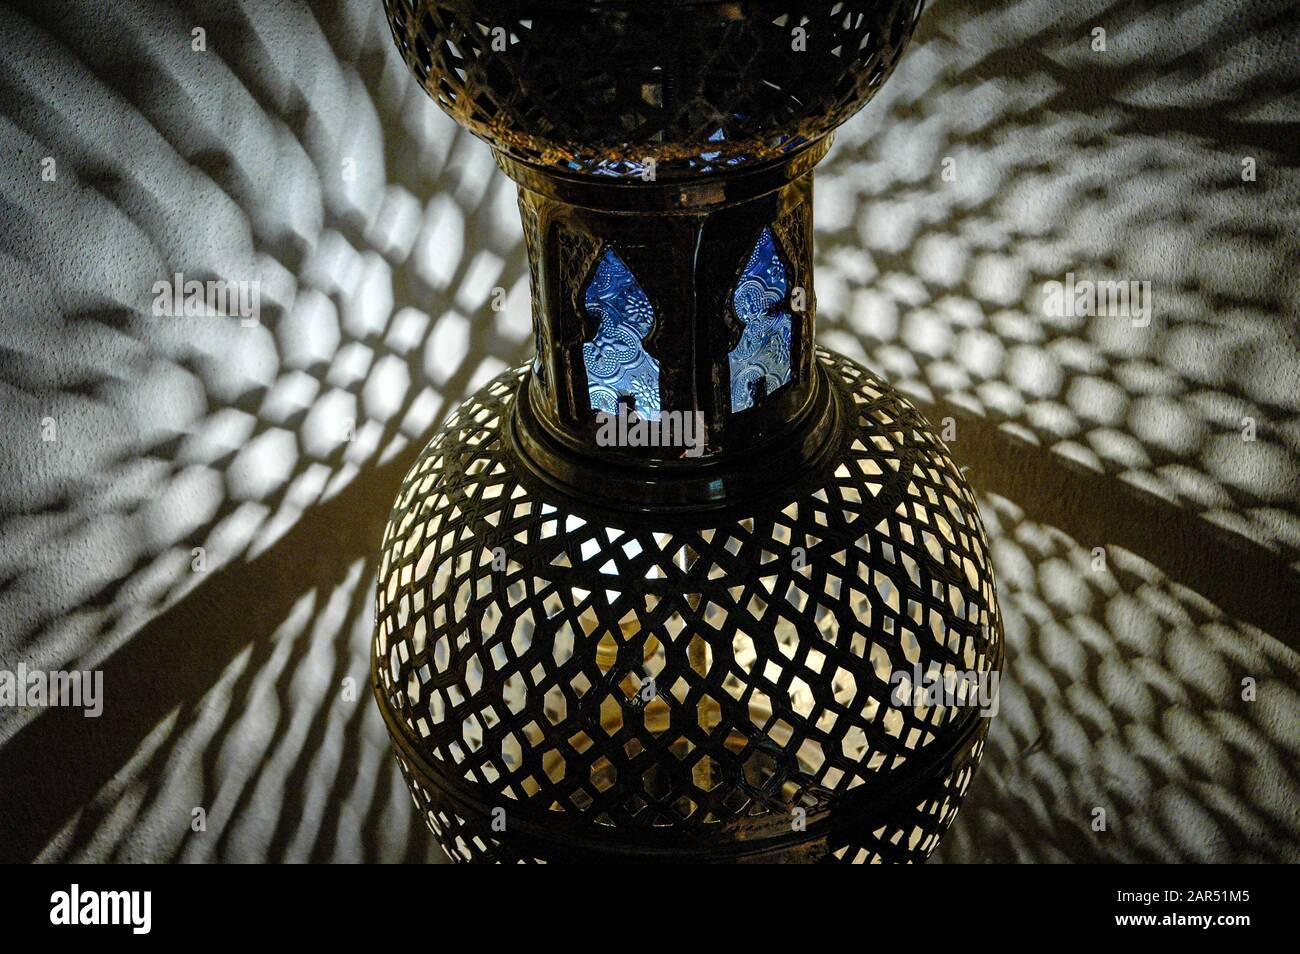 Moorish fretwork Lamp, Moroccan table lamp, Tetería, Salón de té, Córdoba, Andalucía, Spain Stock Photo